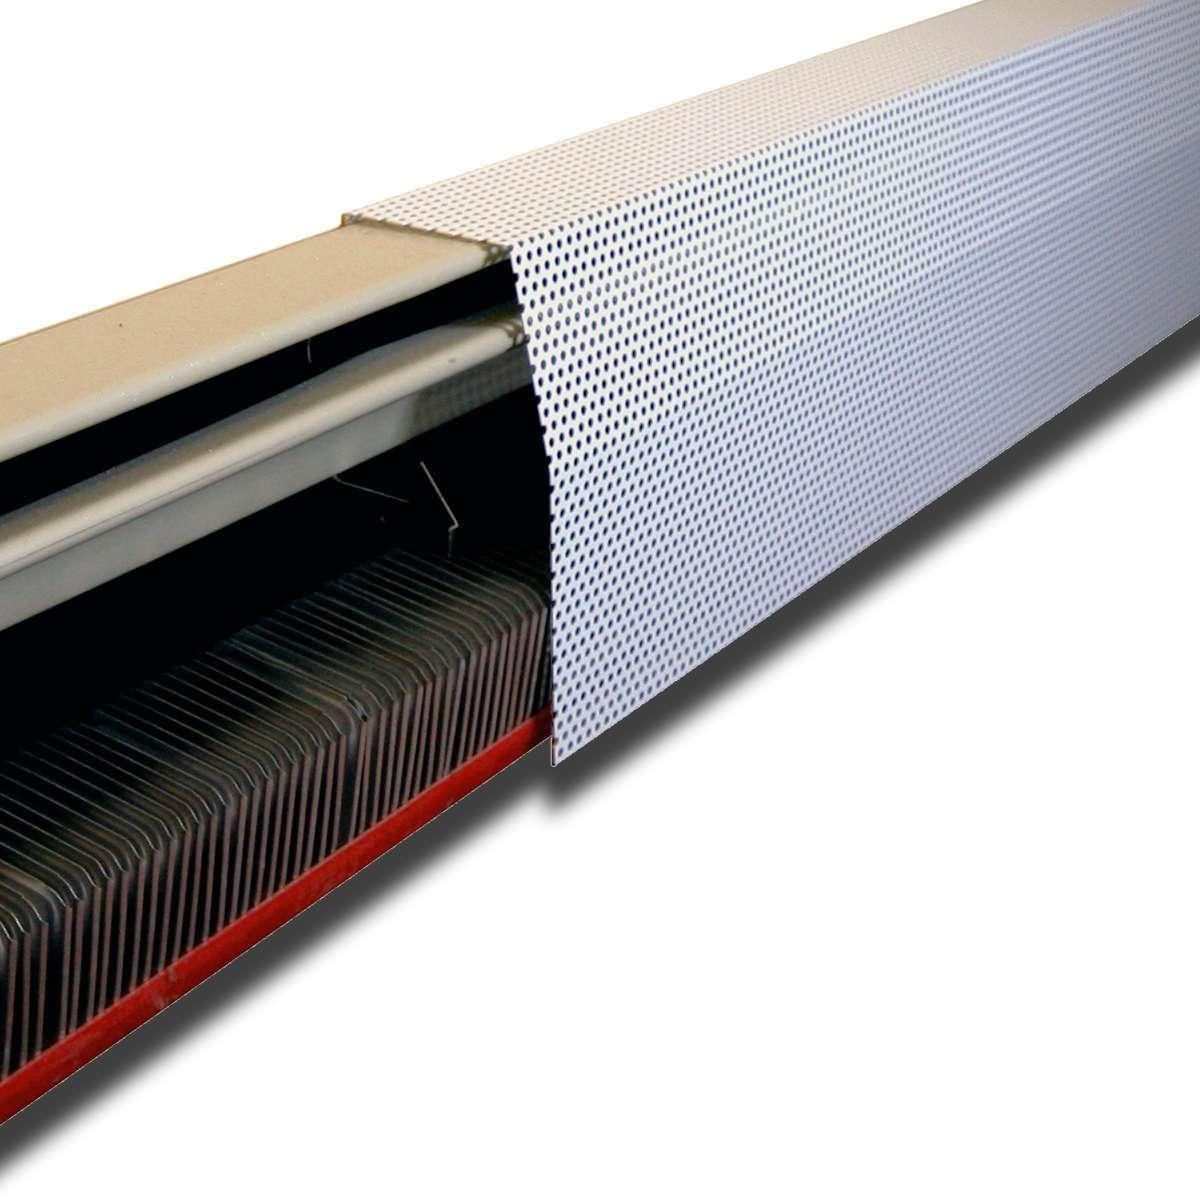 Для обеспечения циркуляции воздуха часто используются перфорированные панели